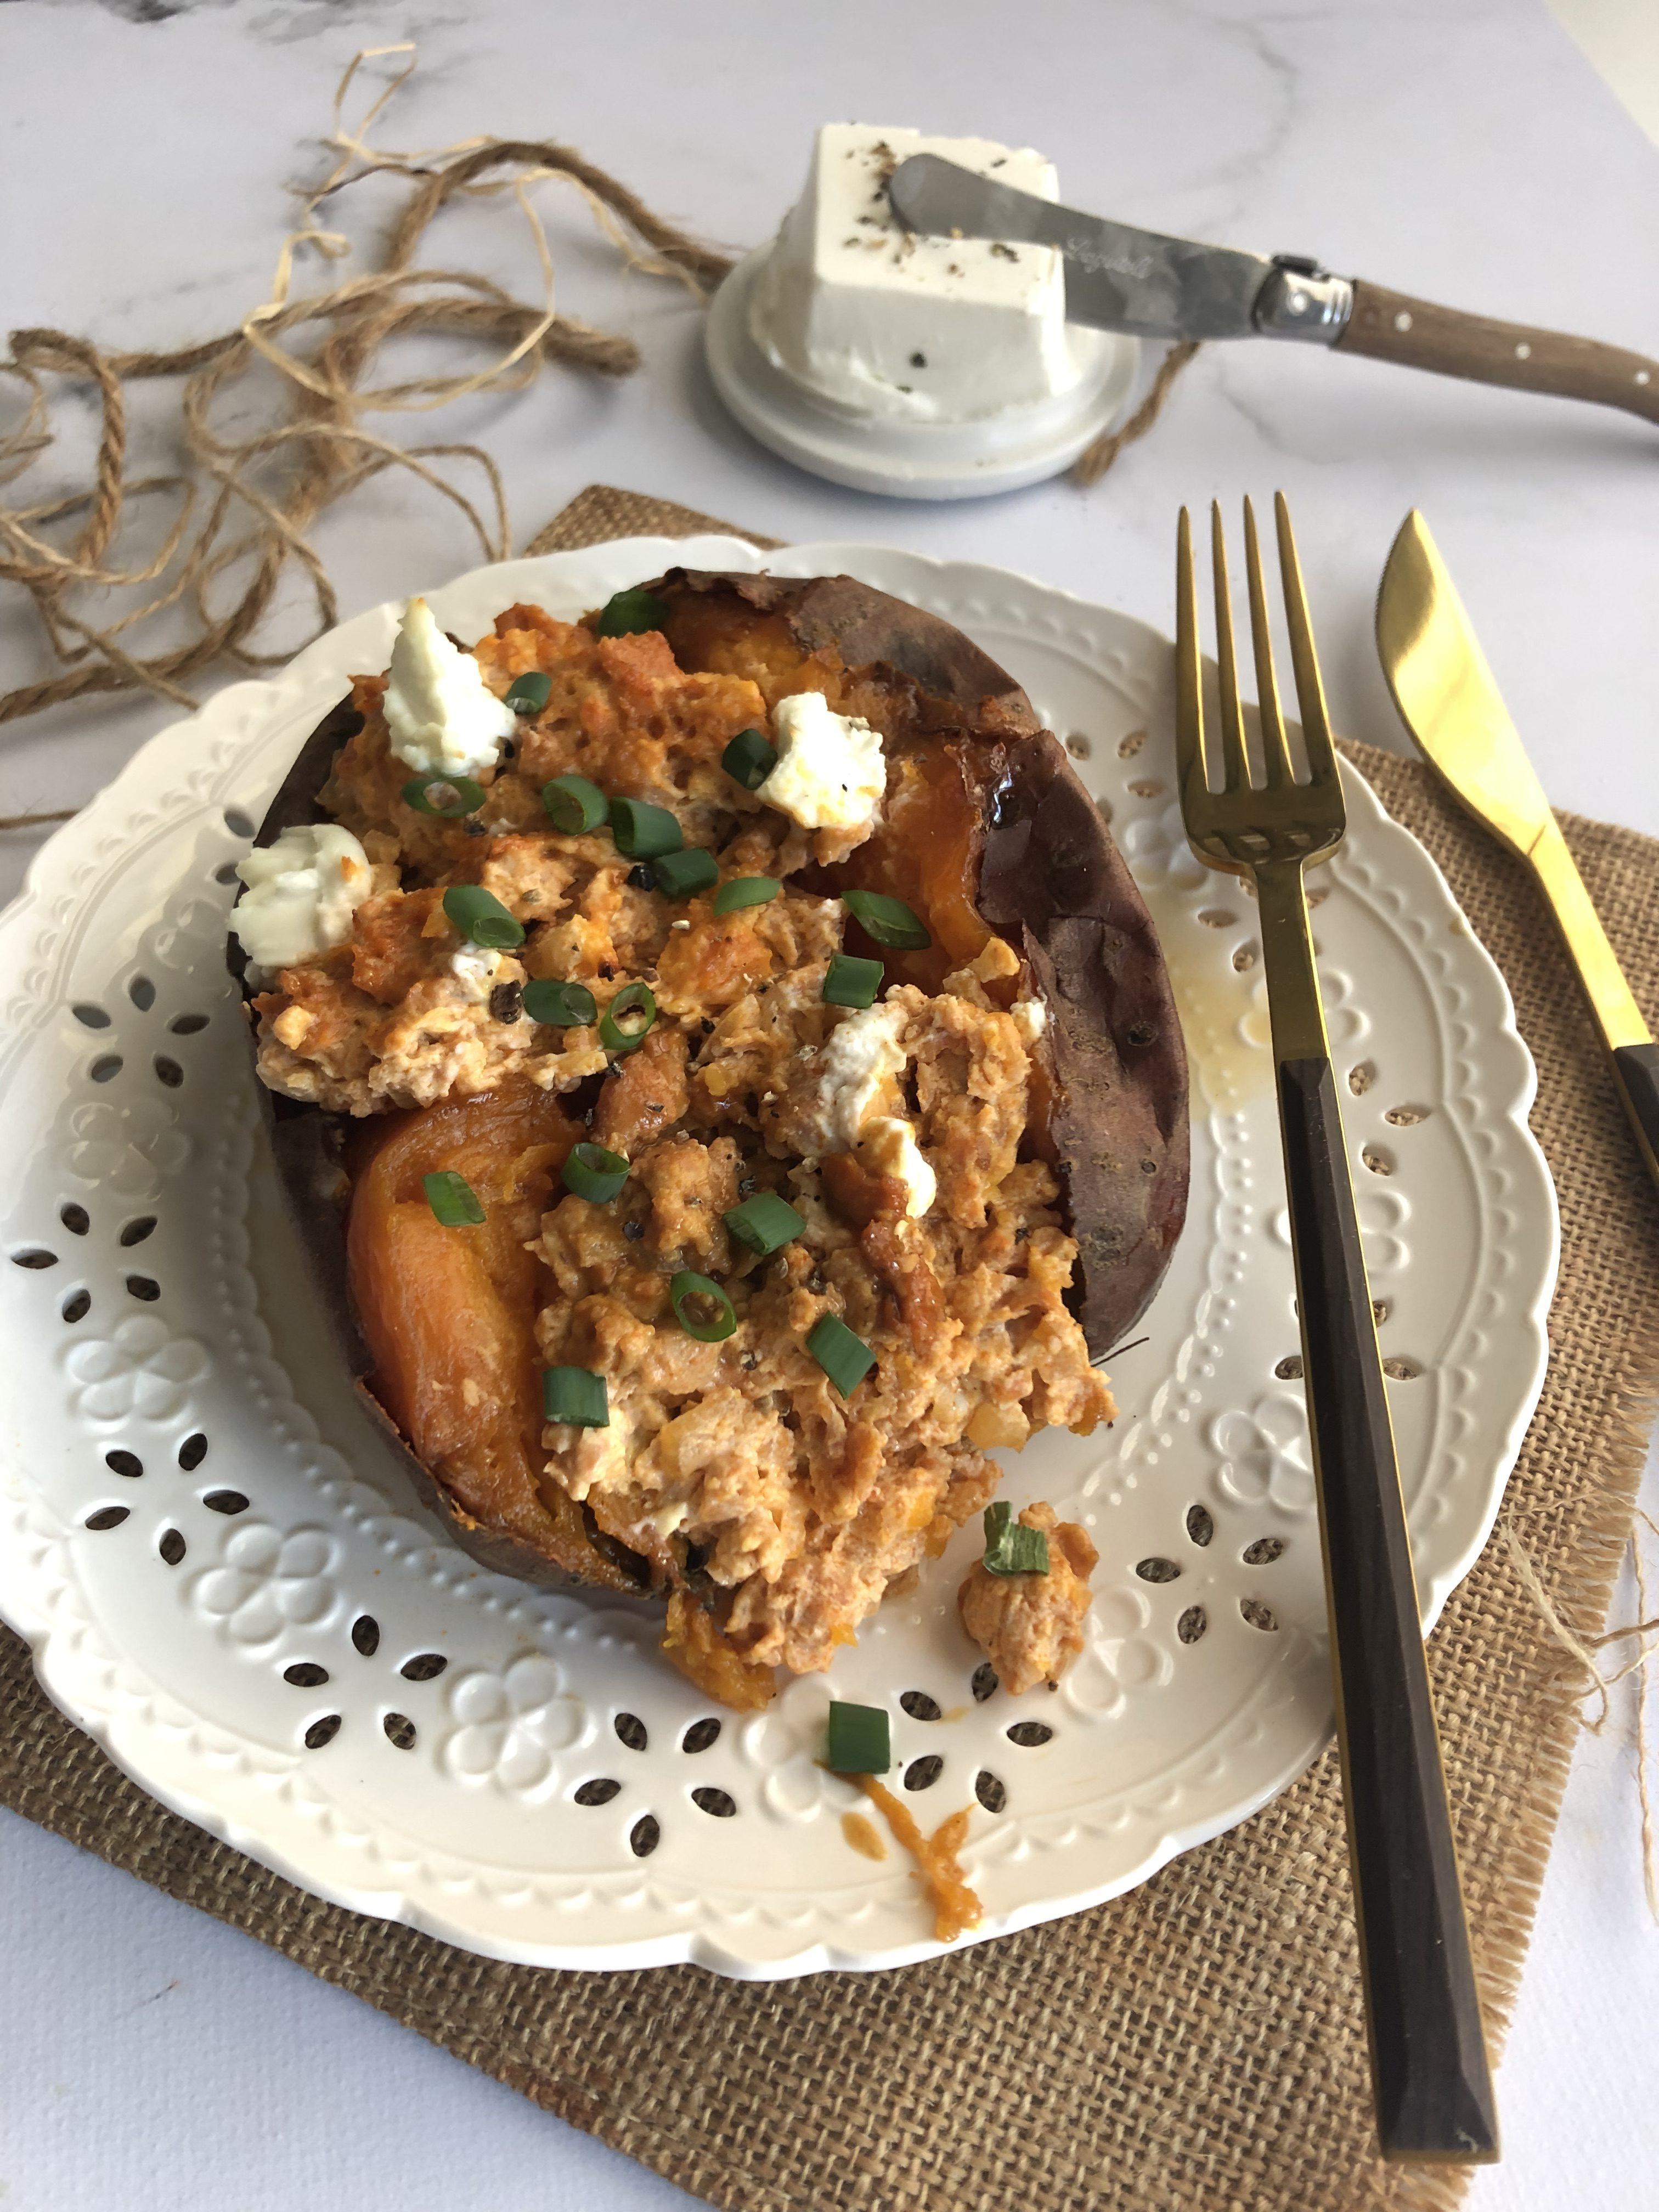 Patate douce rôtie farcie à la merguez et chèvre frais